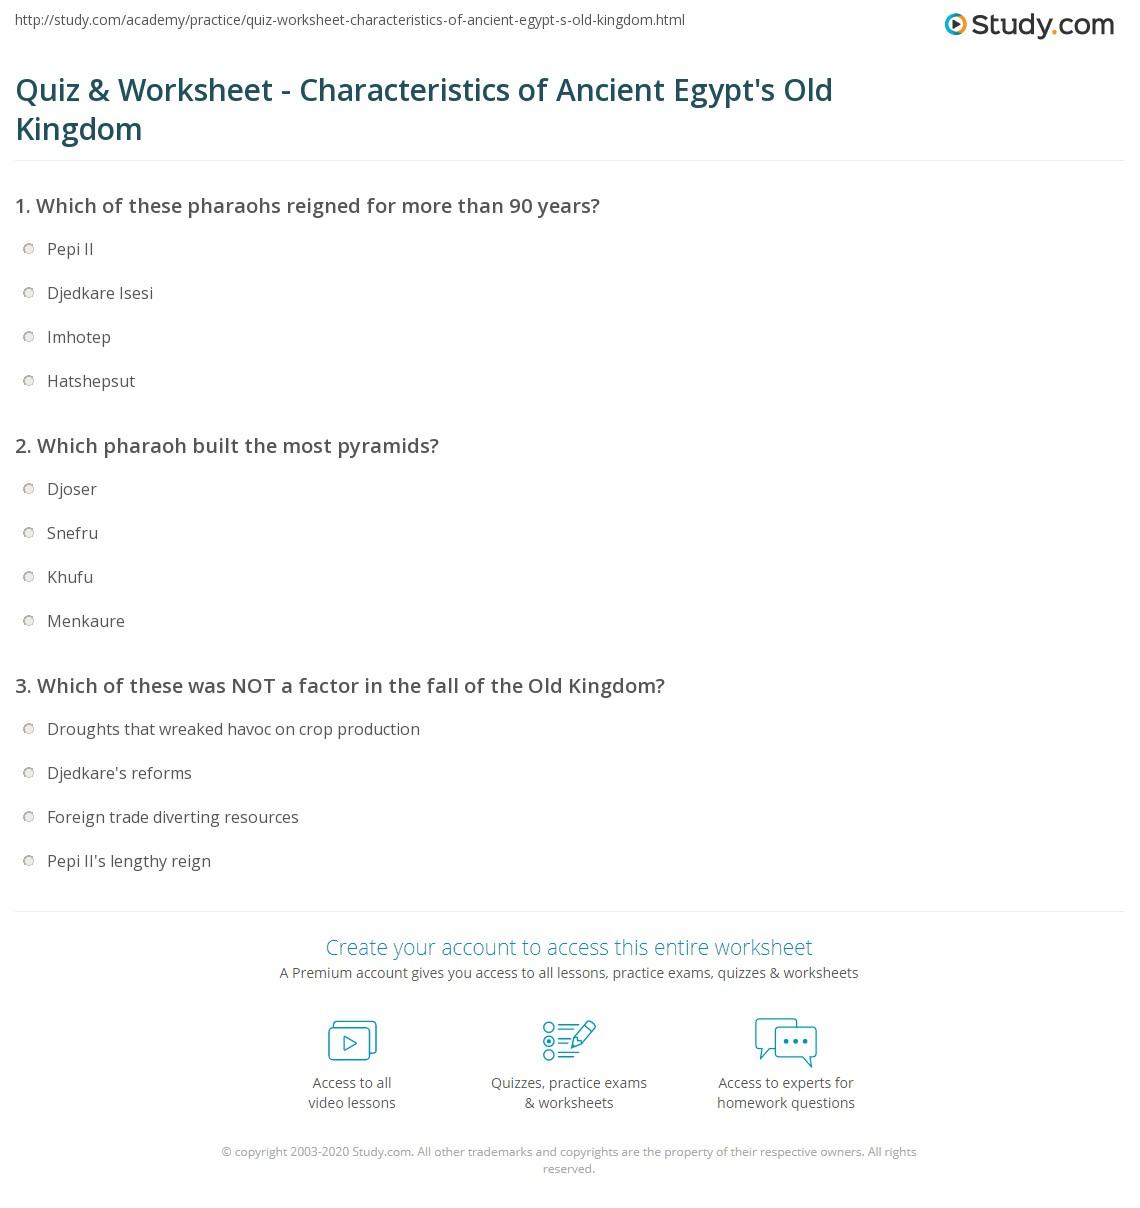 Print Old Kingdom of Ancient Egypt  Timeline   Facts WorksheetQuiz   Worksheet   Characteristics of Ancient Egypt s Old Kingdom  . Ancient Egyptian Architecture Timeline. Home Design Ideas